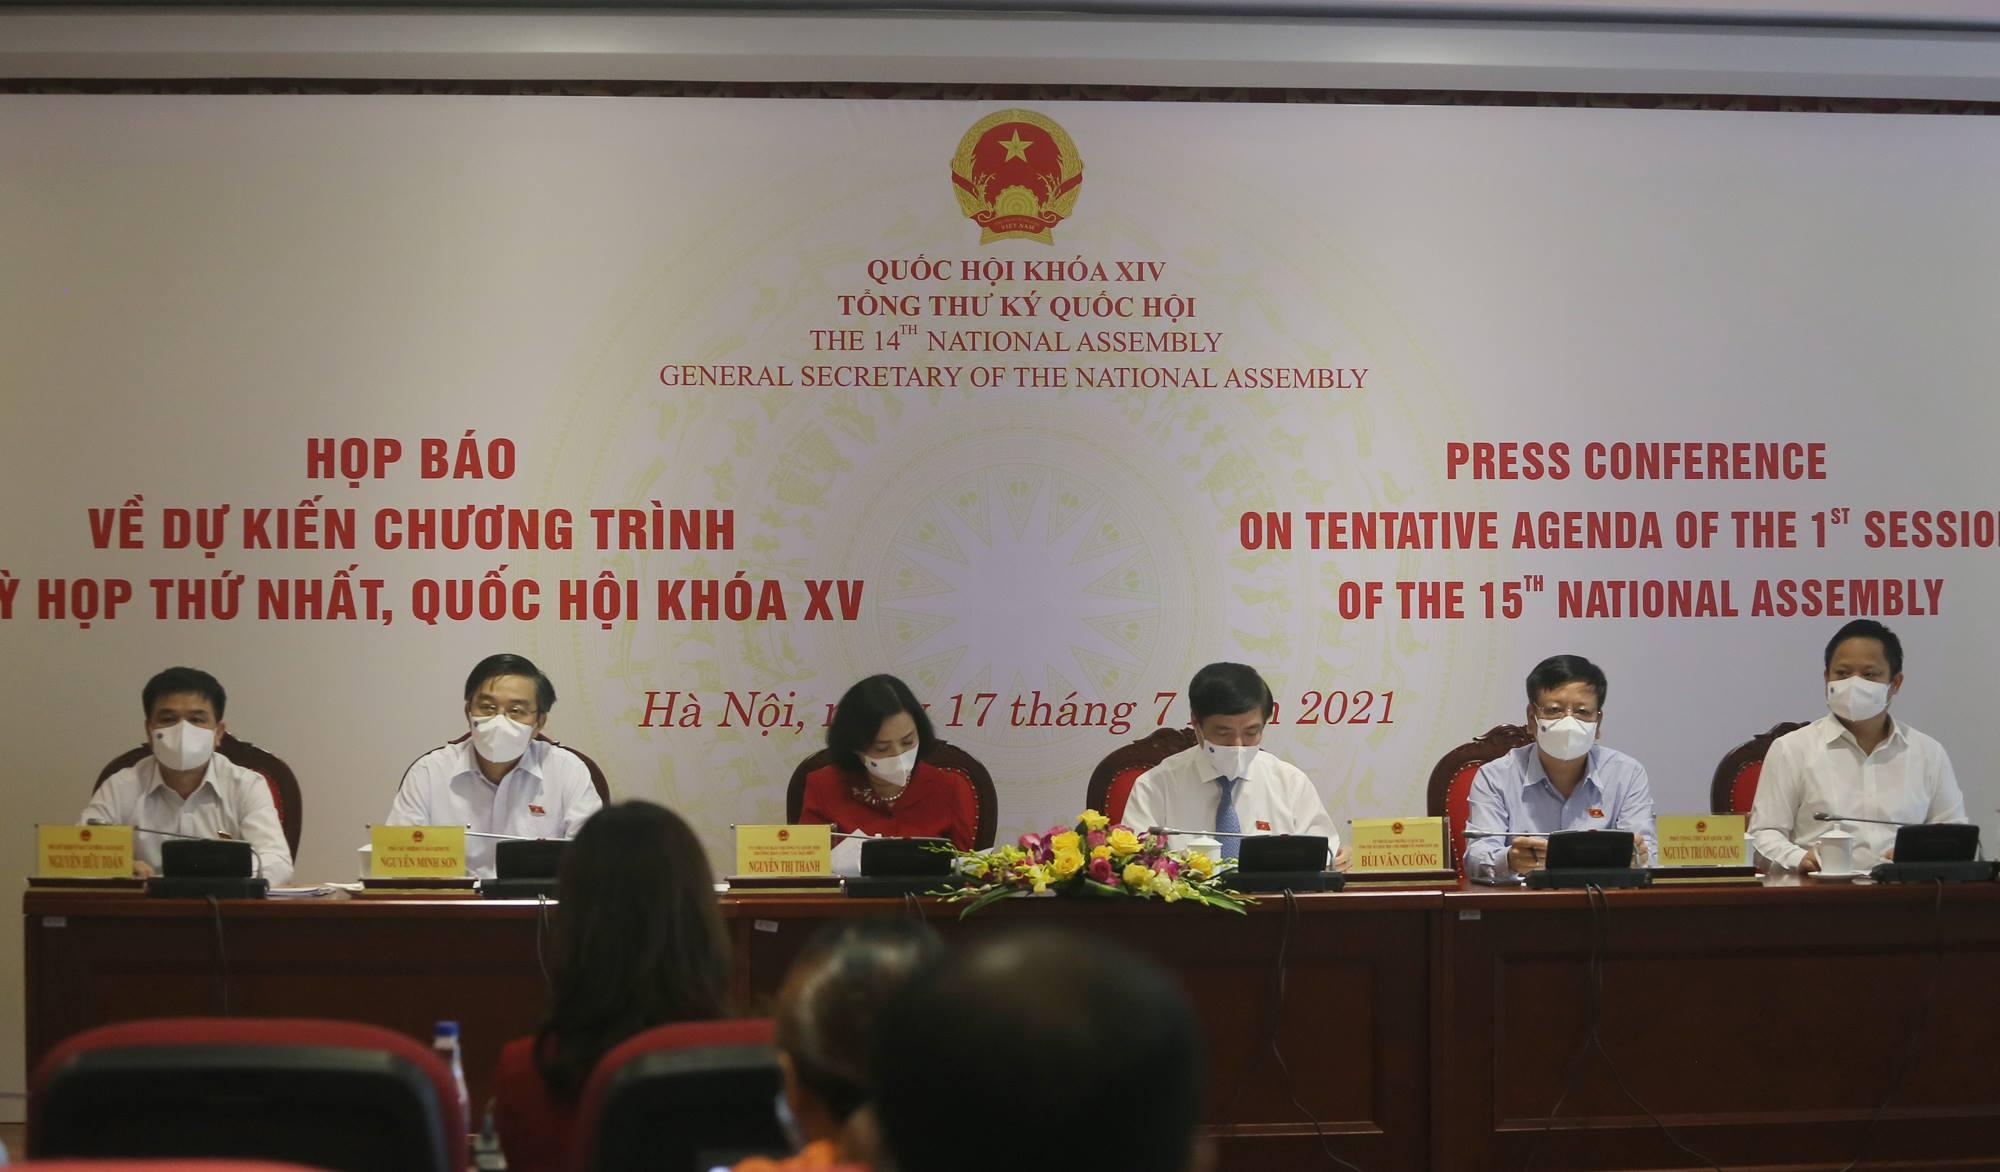 Kỳ họp Quốc hội lần này sẽ kiện toàn 50 chức danh của Chính phủ, Quốc hội và Quốc phòng An ninh